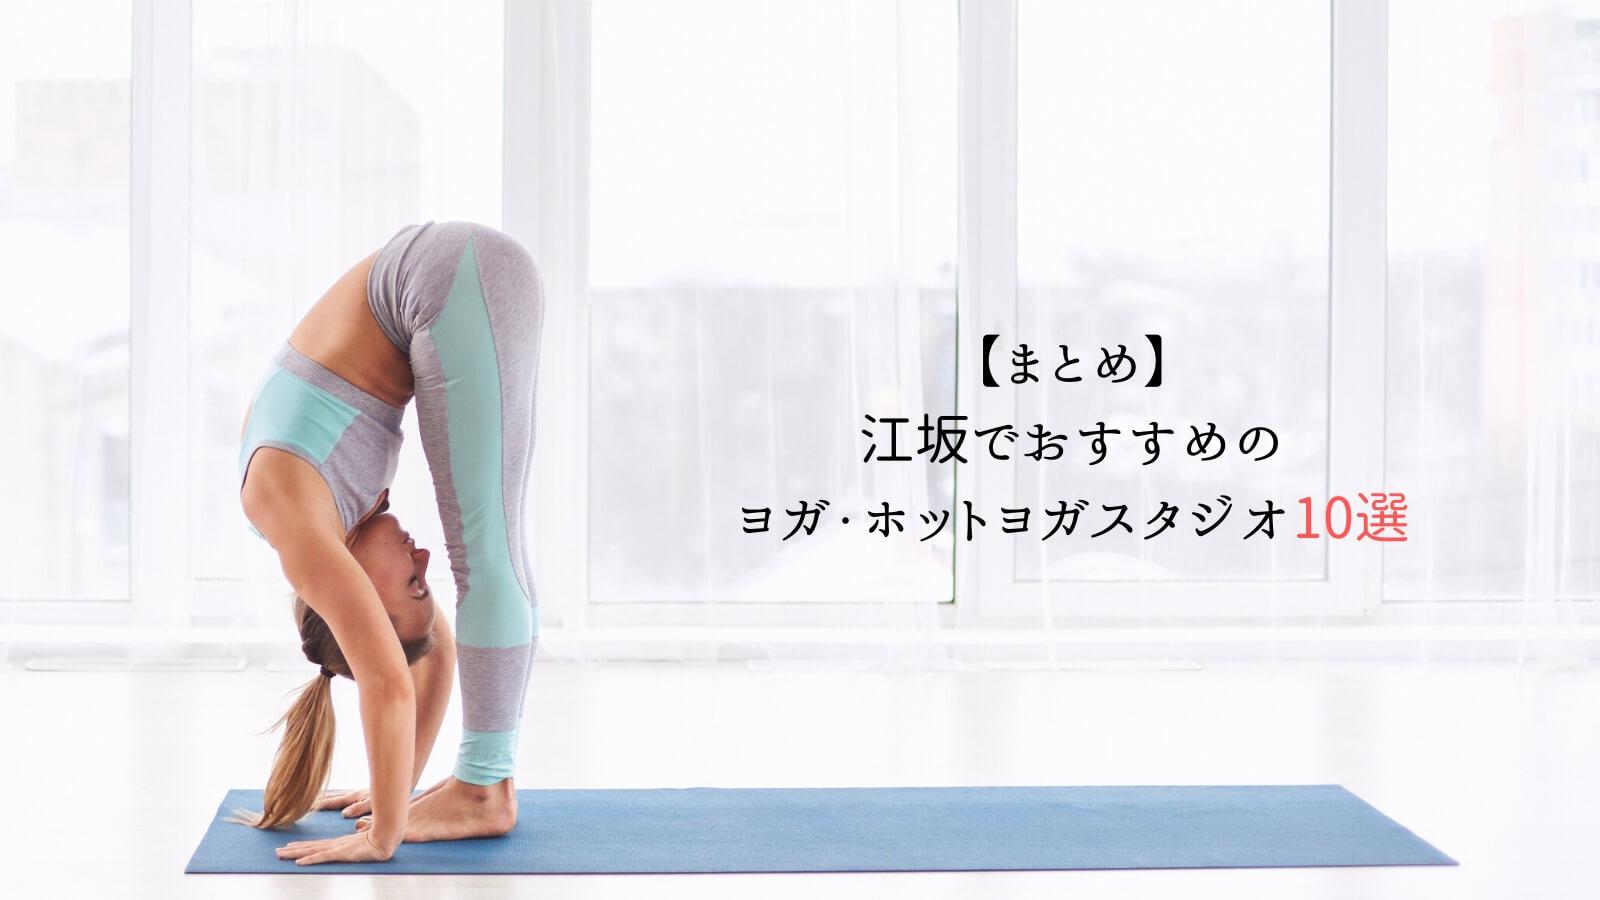 【まとめ】江坂でおすすめのヨガ・ホットヨガスタジオ10選